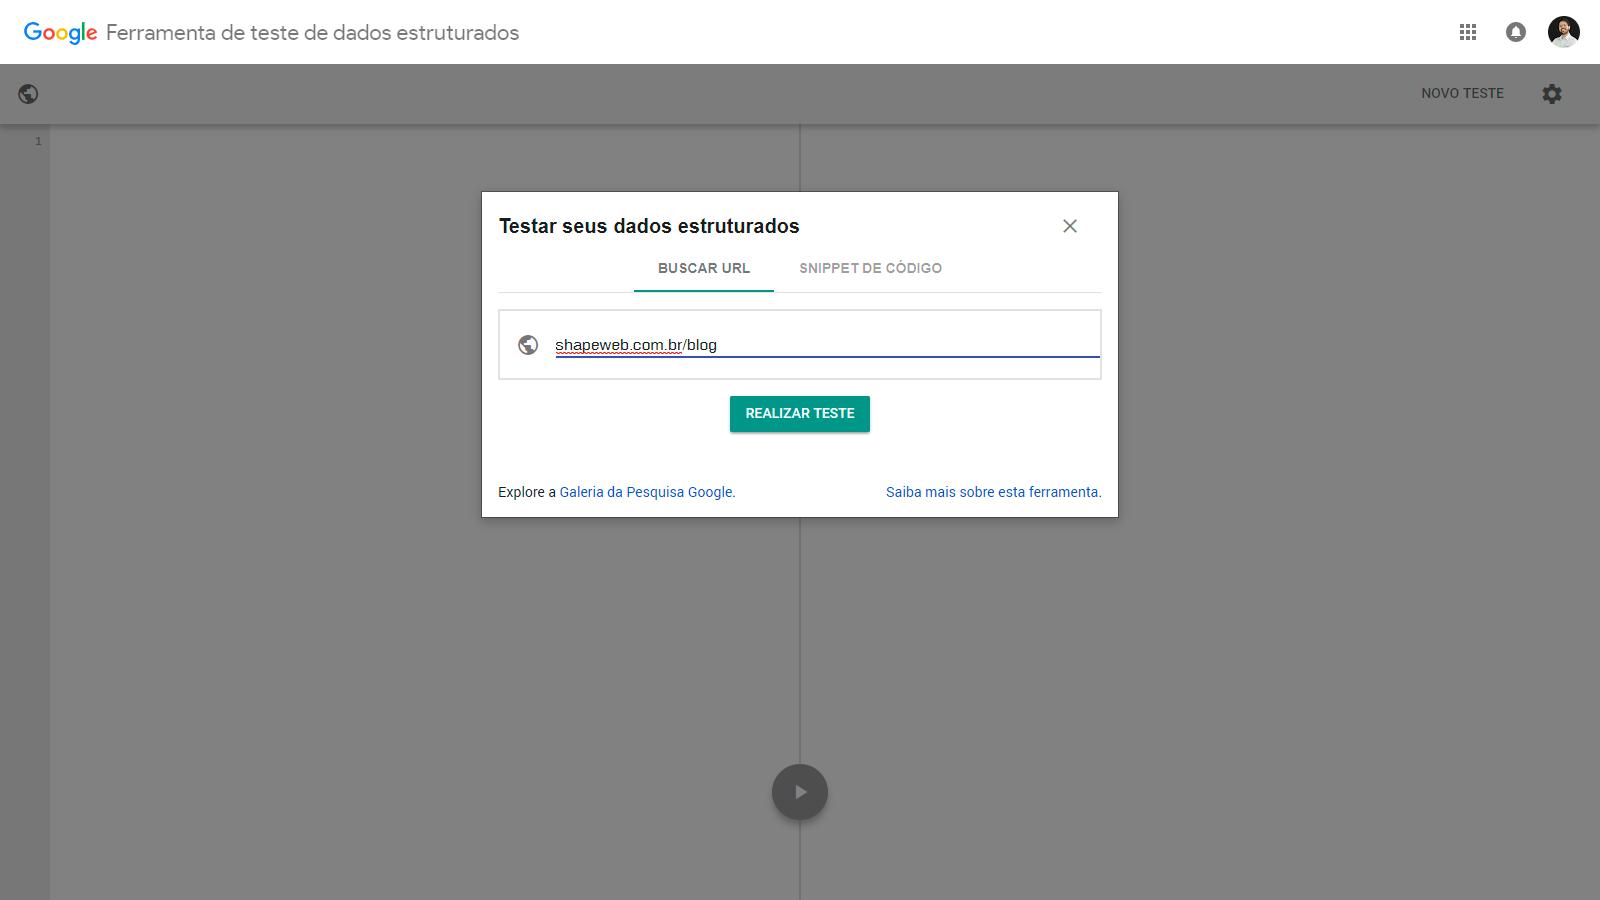 Ferramenta de teste de dados estruturados do Google